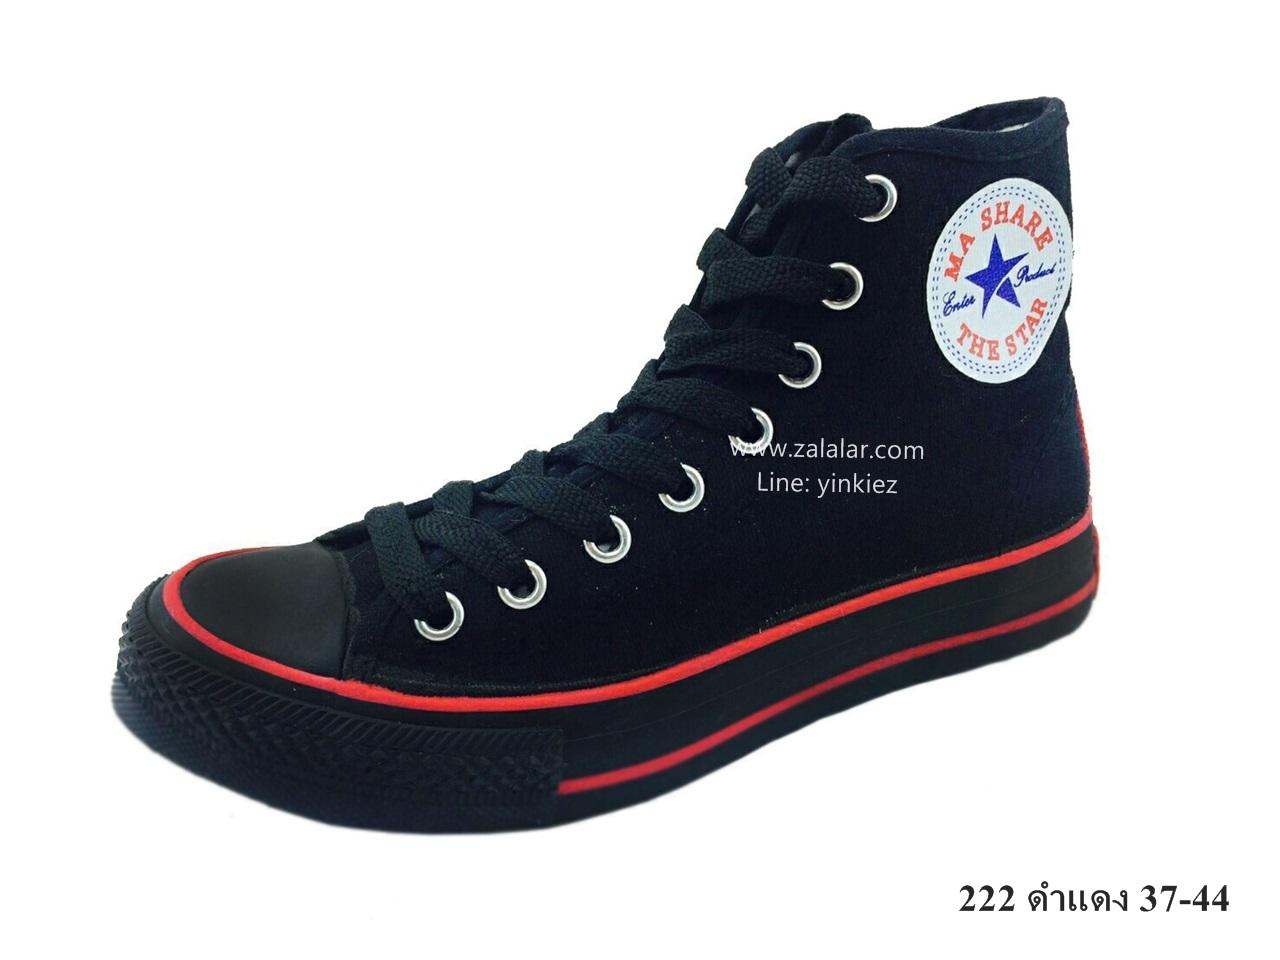 [พร้อมส่ง] รองเท้าผ้าใบแฟชั่น รุ่น 222 สีดำแดง ทรงหุ้มข้อ